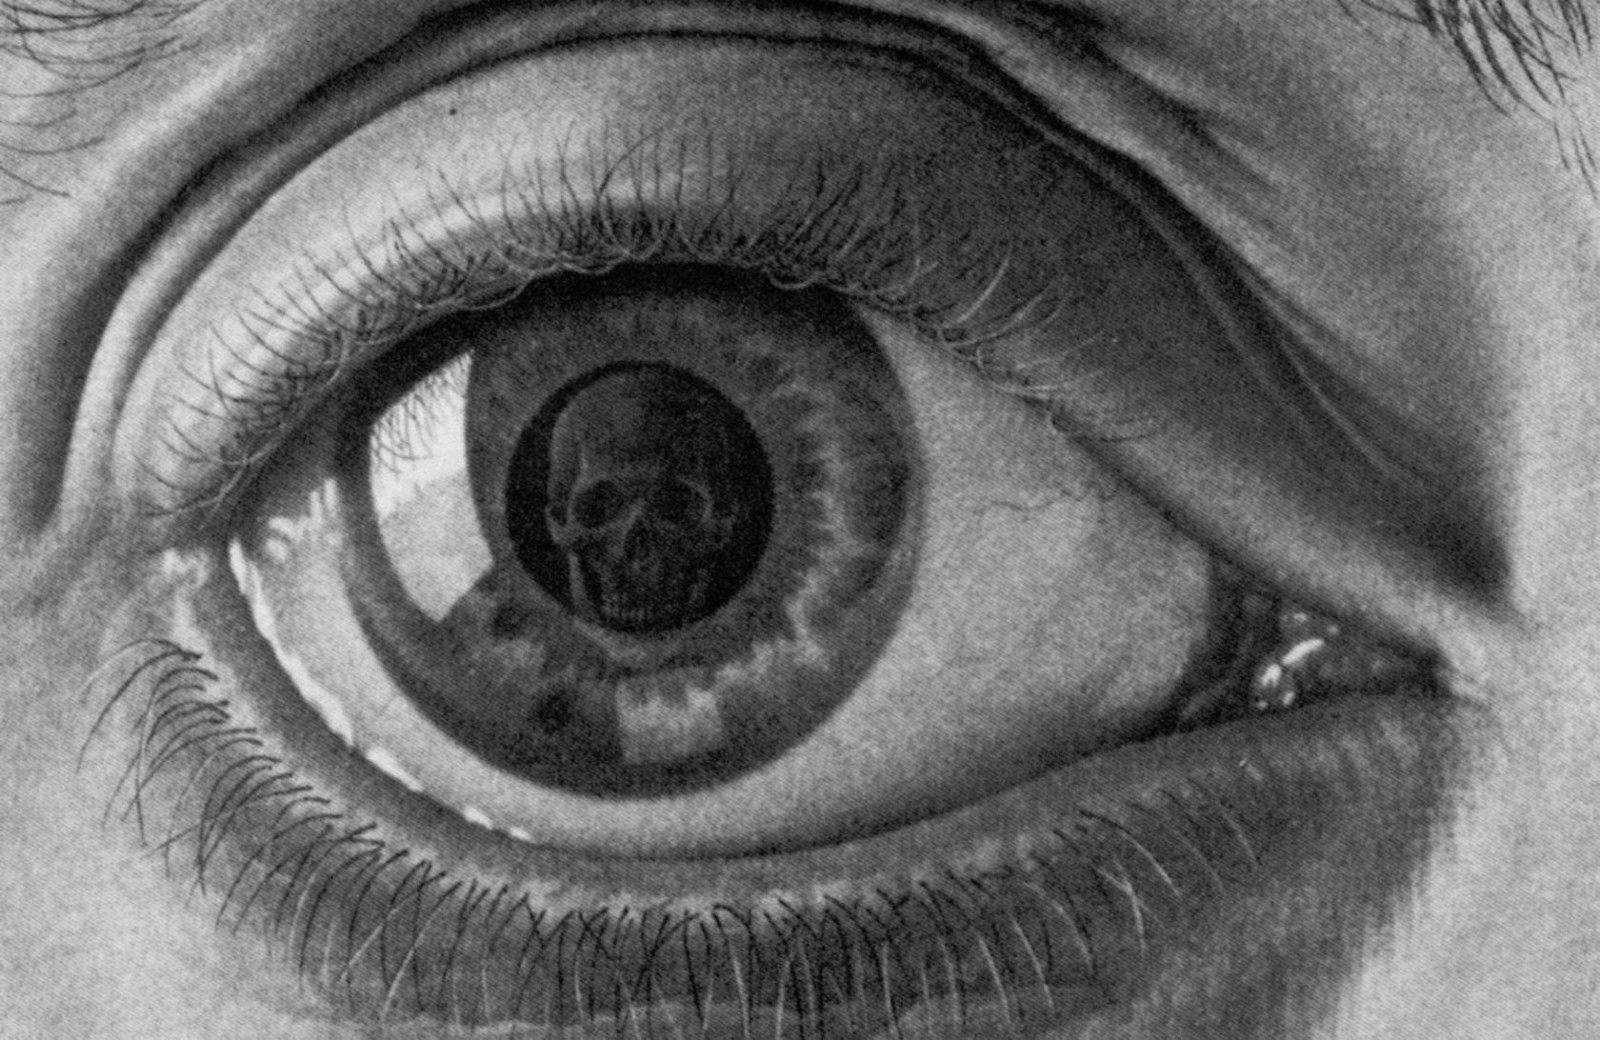 Crâne Gothique dans la Human Eye Art Silk Print Poster 24x36inch(60x90cm) 087